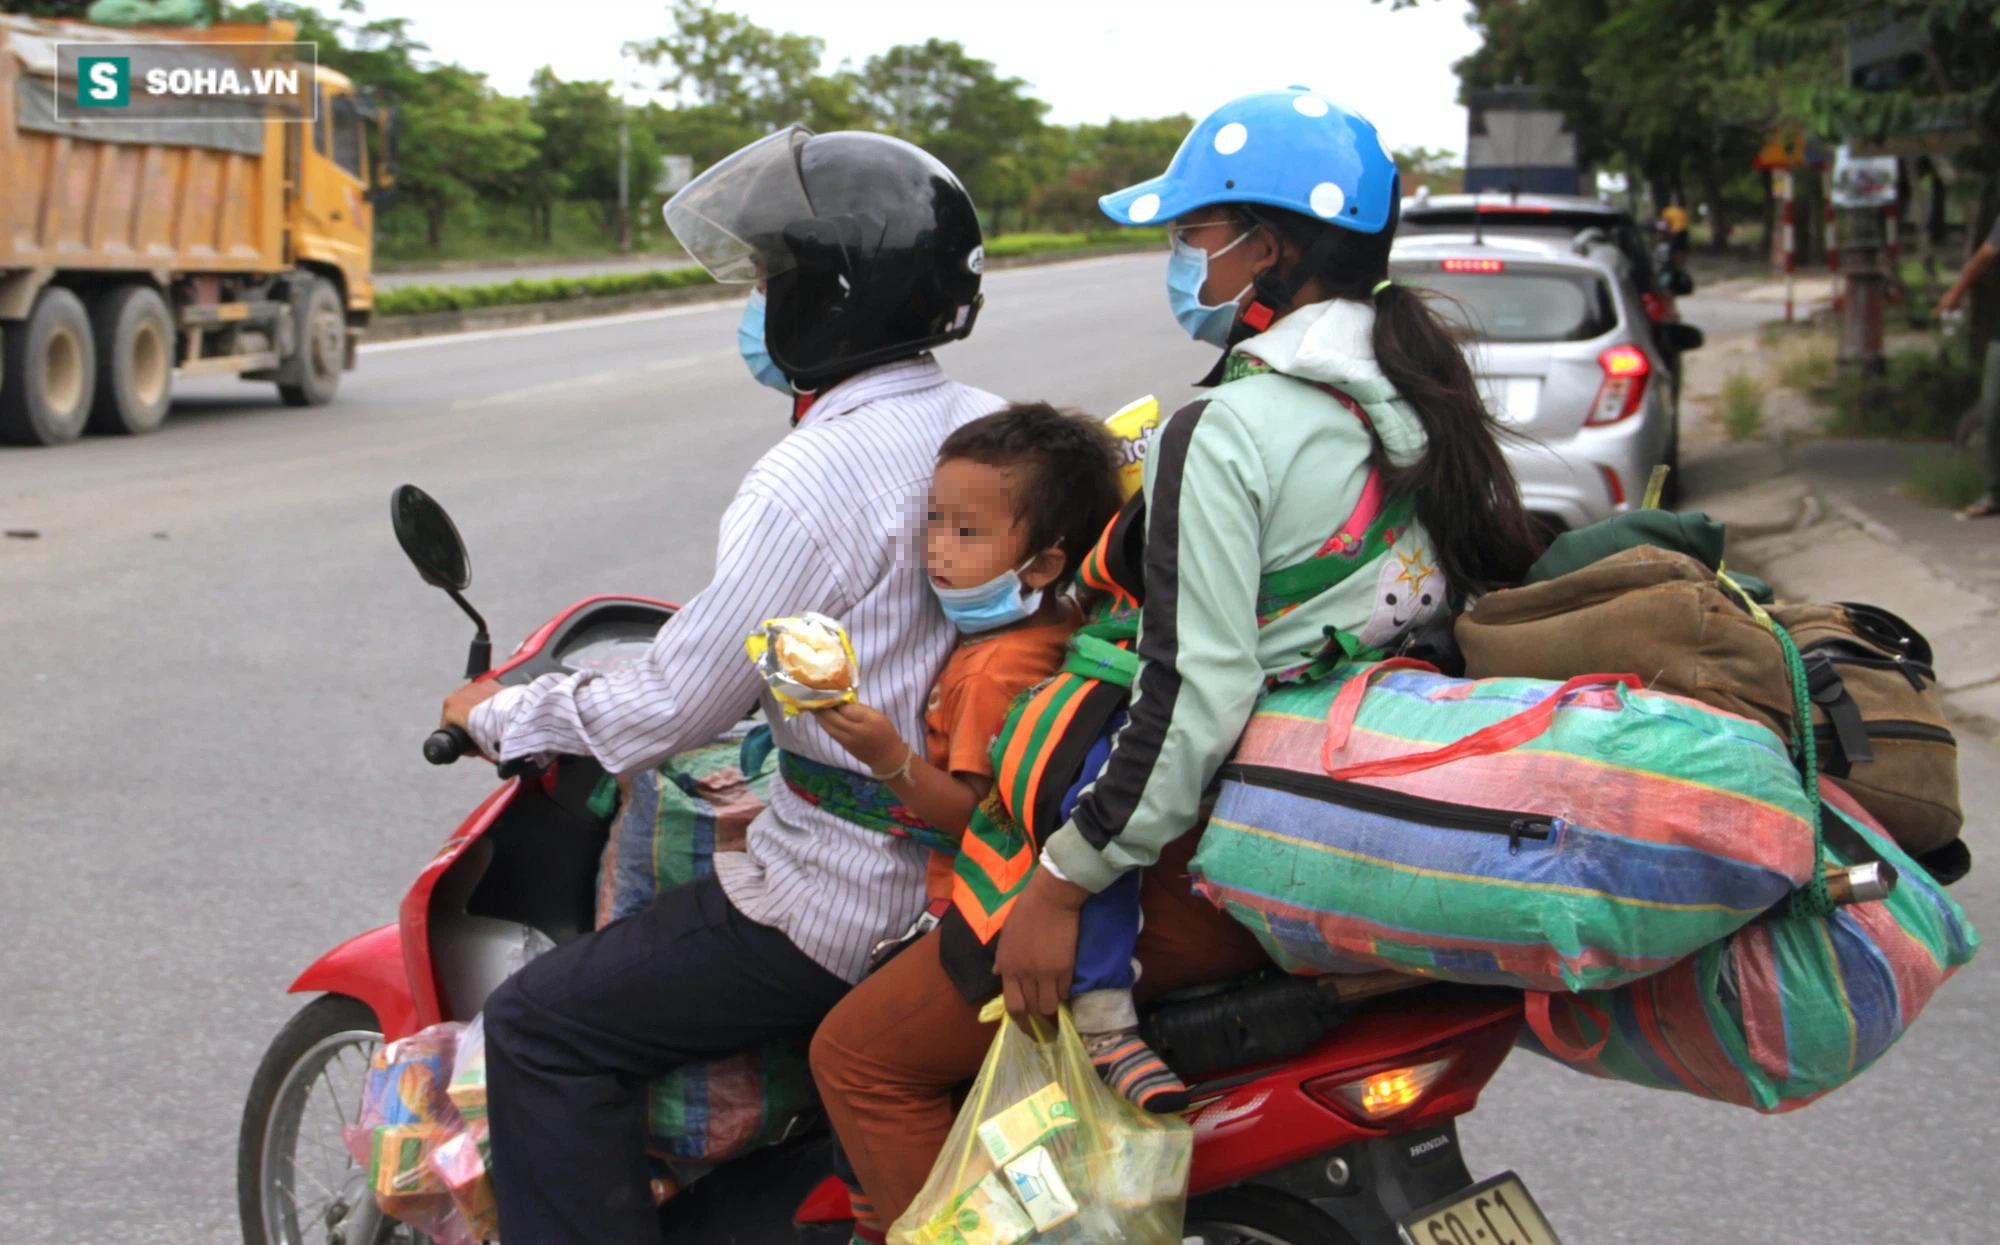 Chạy xe máy 4 ngày đêm từ miền Nam về quê trốn dịch: Lương cao nhưng dịch sợ quá nên em đưa vợ con về - Ảnh 5.